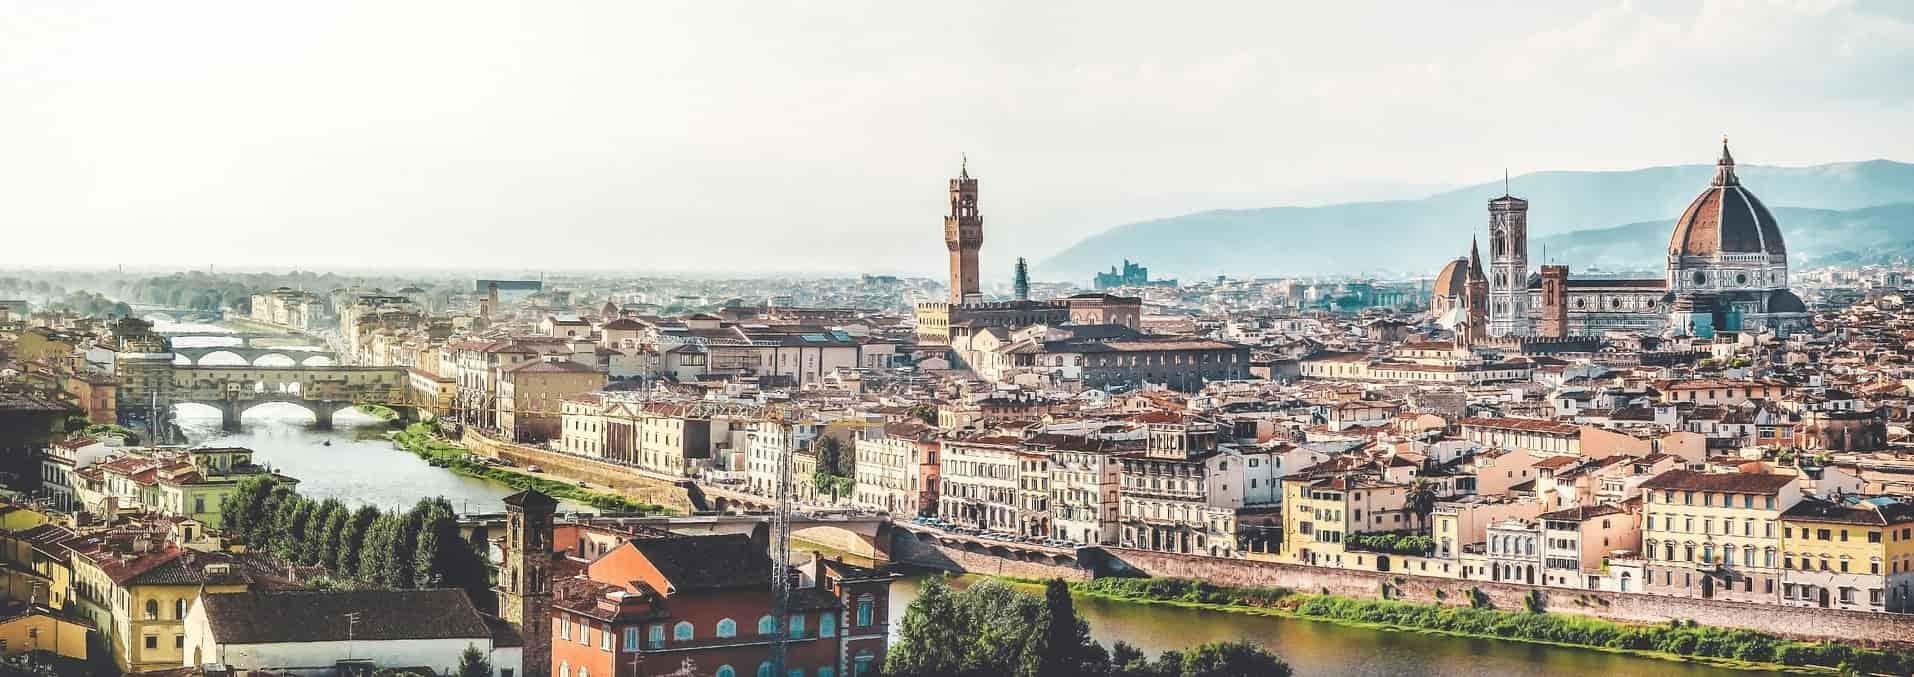 Sehenswürdigkeiten in Florenz – Tipps für die Wiege der Renaissance